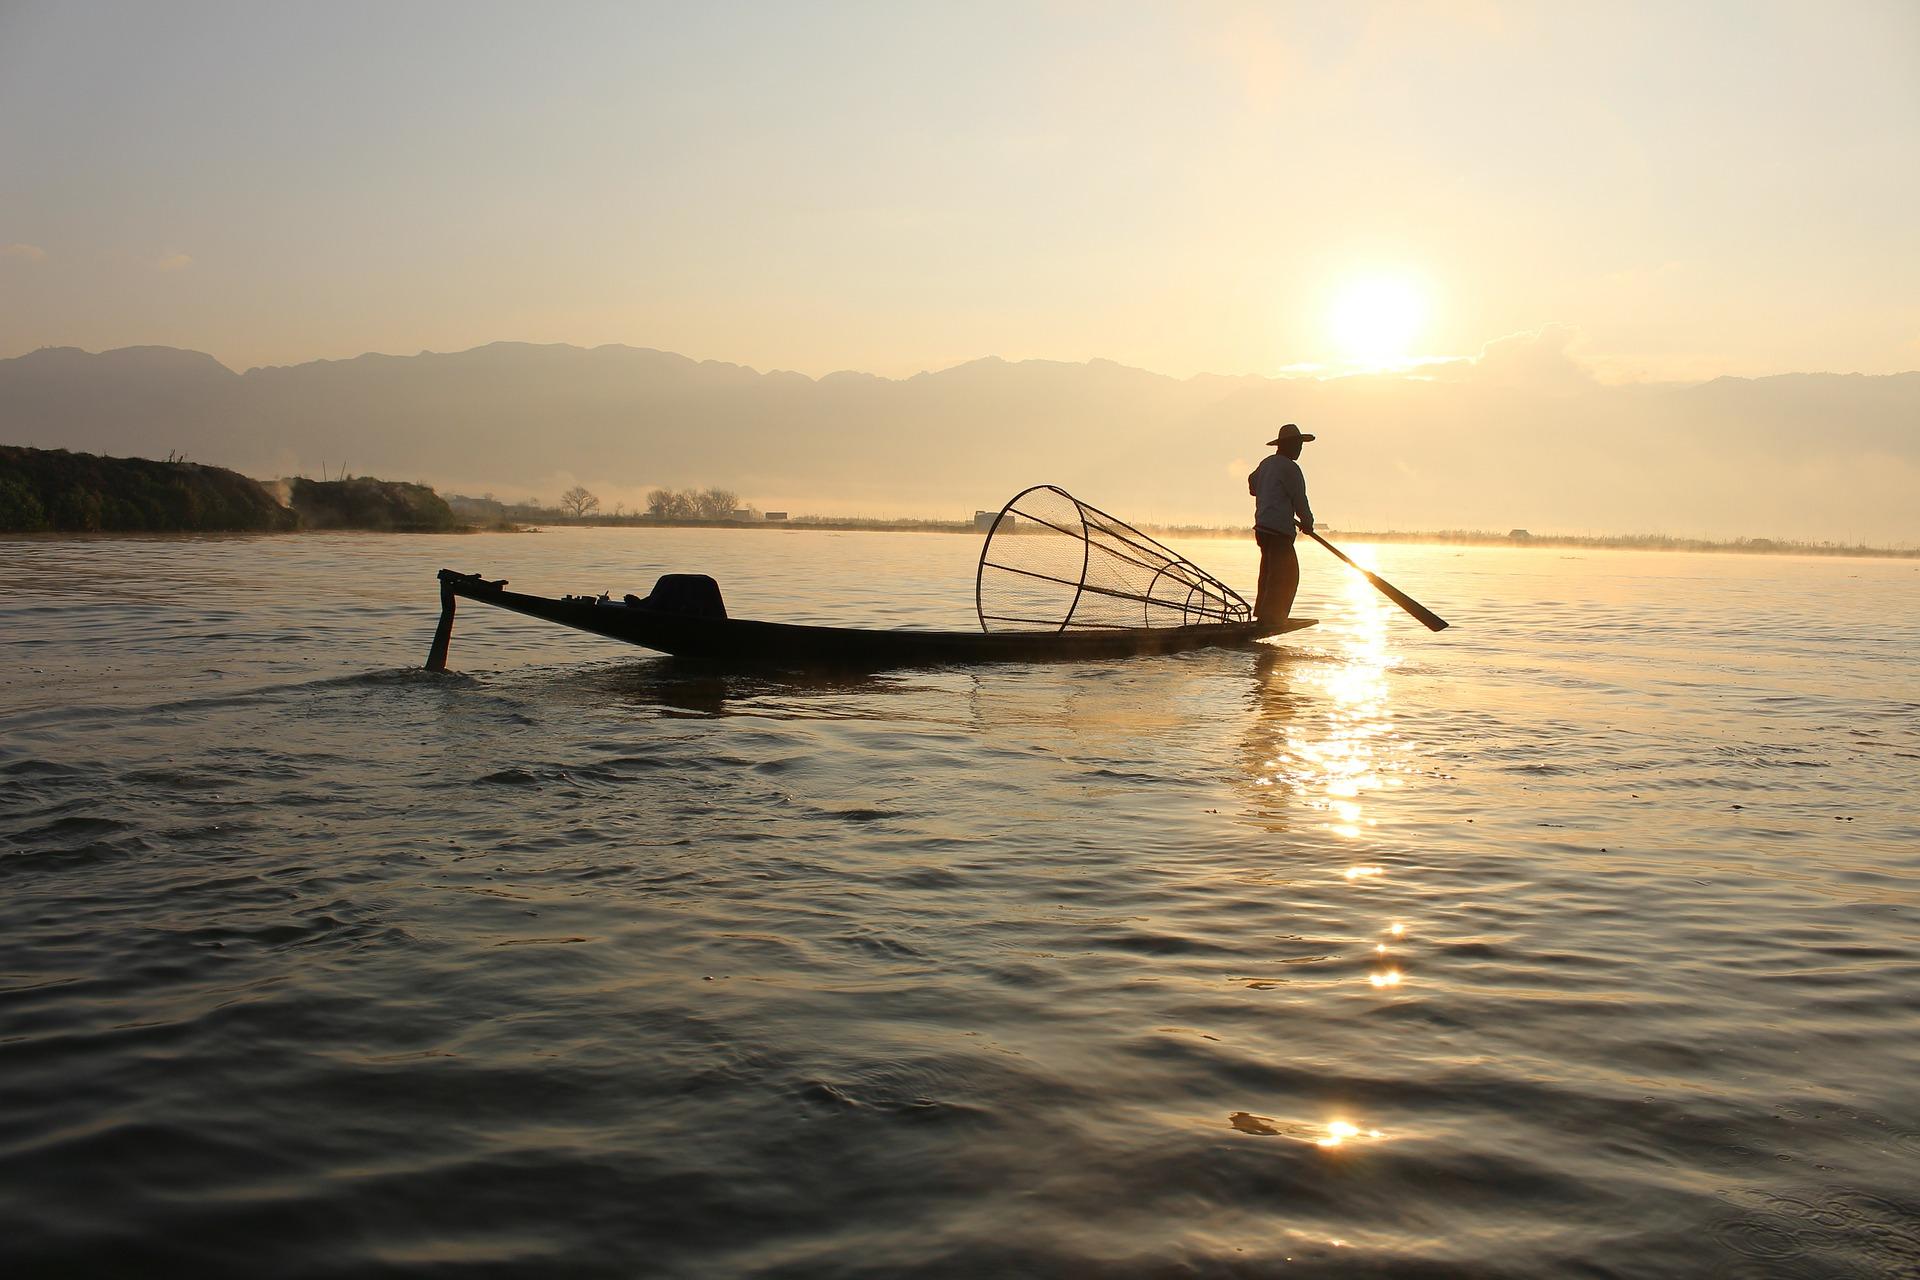 Découverte du Lac Inlé à Nyaungshwe et photos de pêcheurs